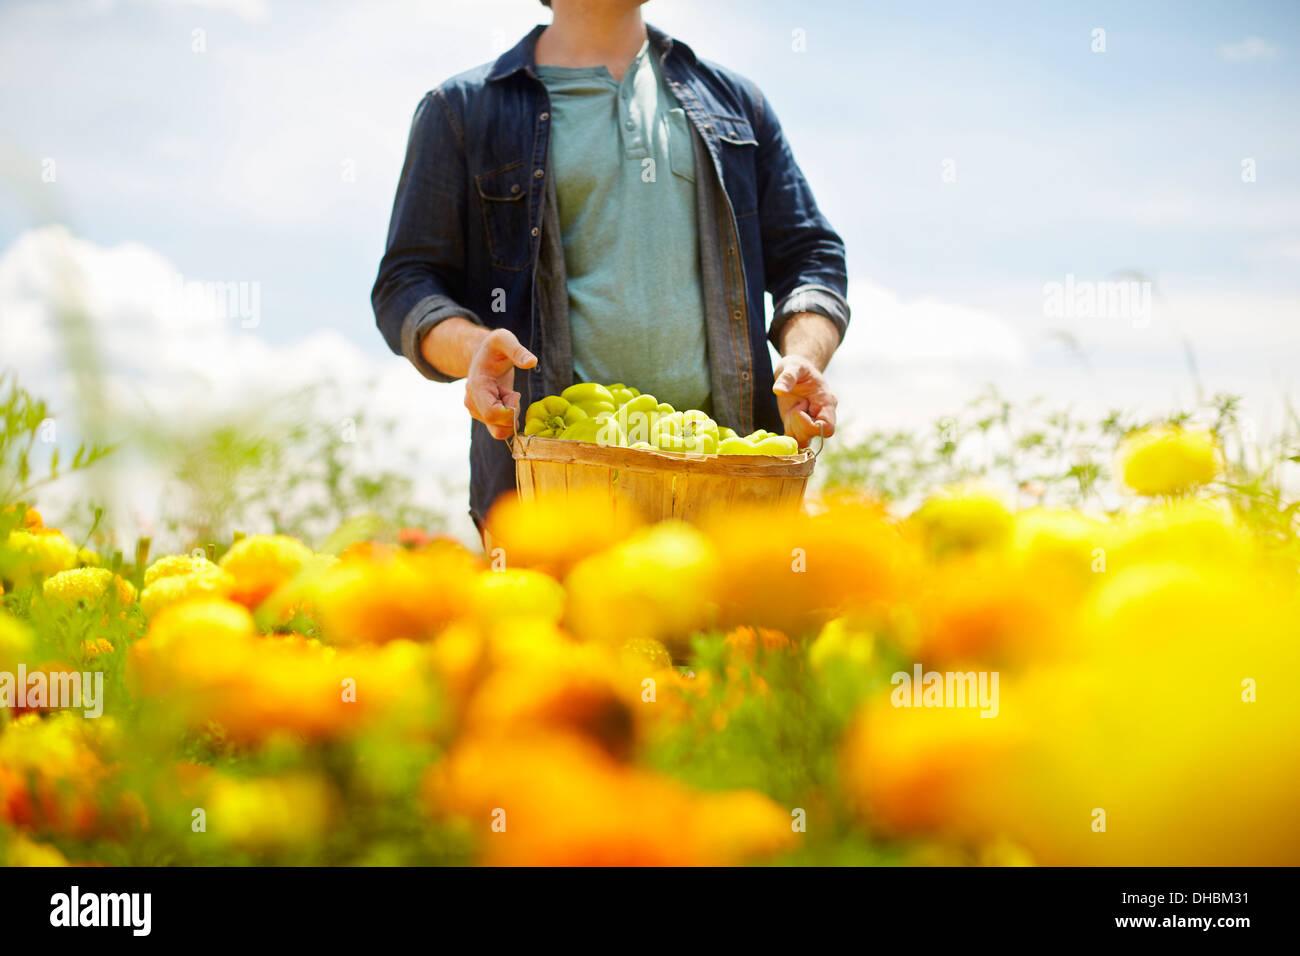 Un agriculteur travaillant dans ses champs, dans l'État de New York. Un jaune et orange fleur bio culture. Photo Stock